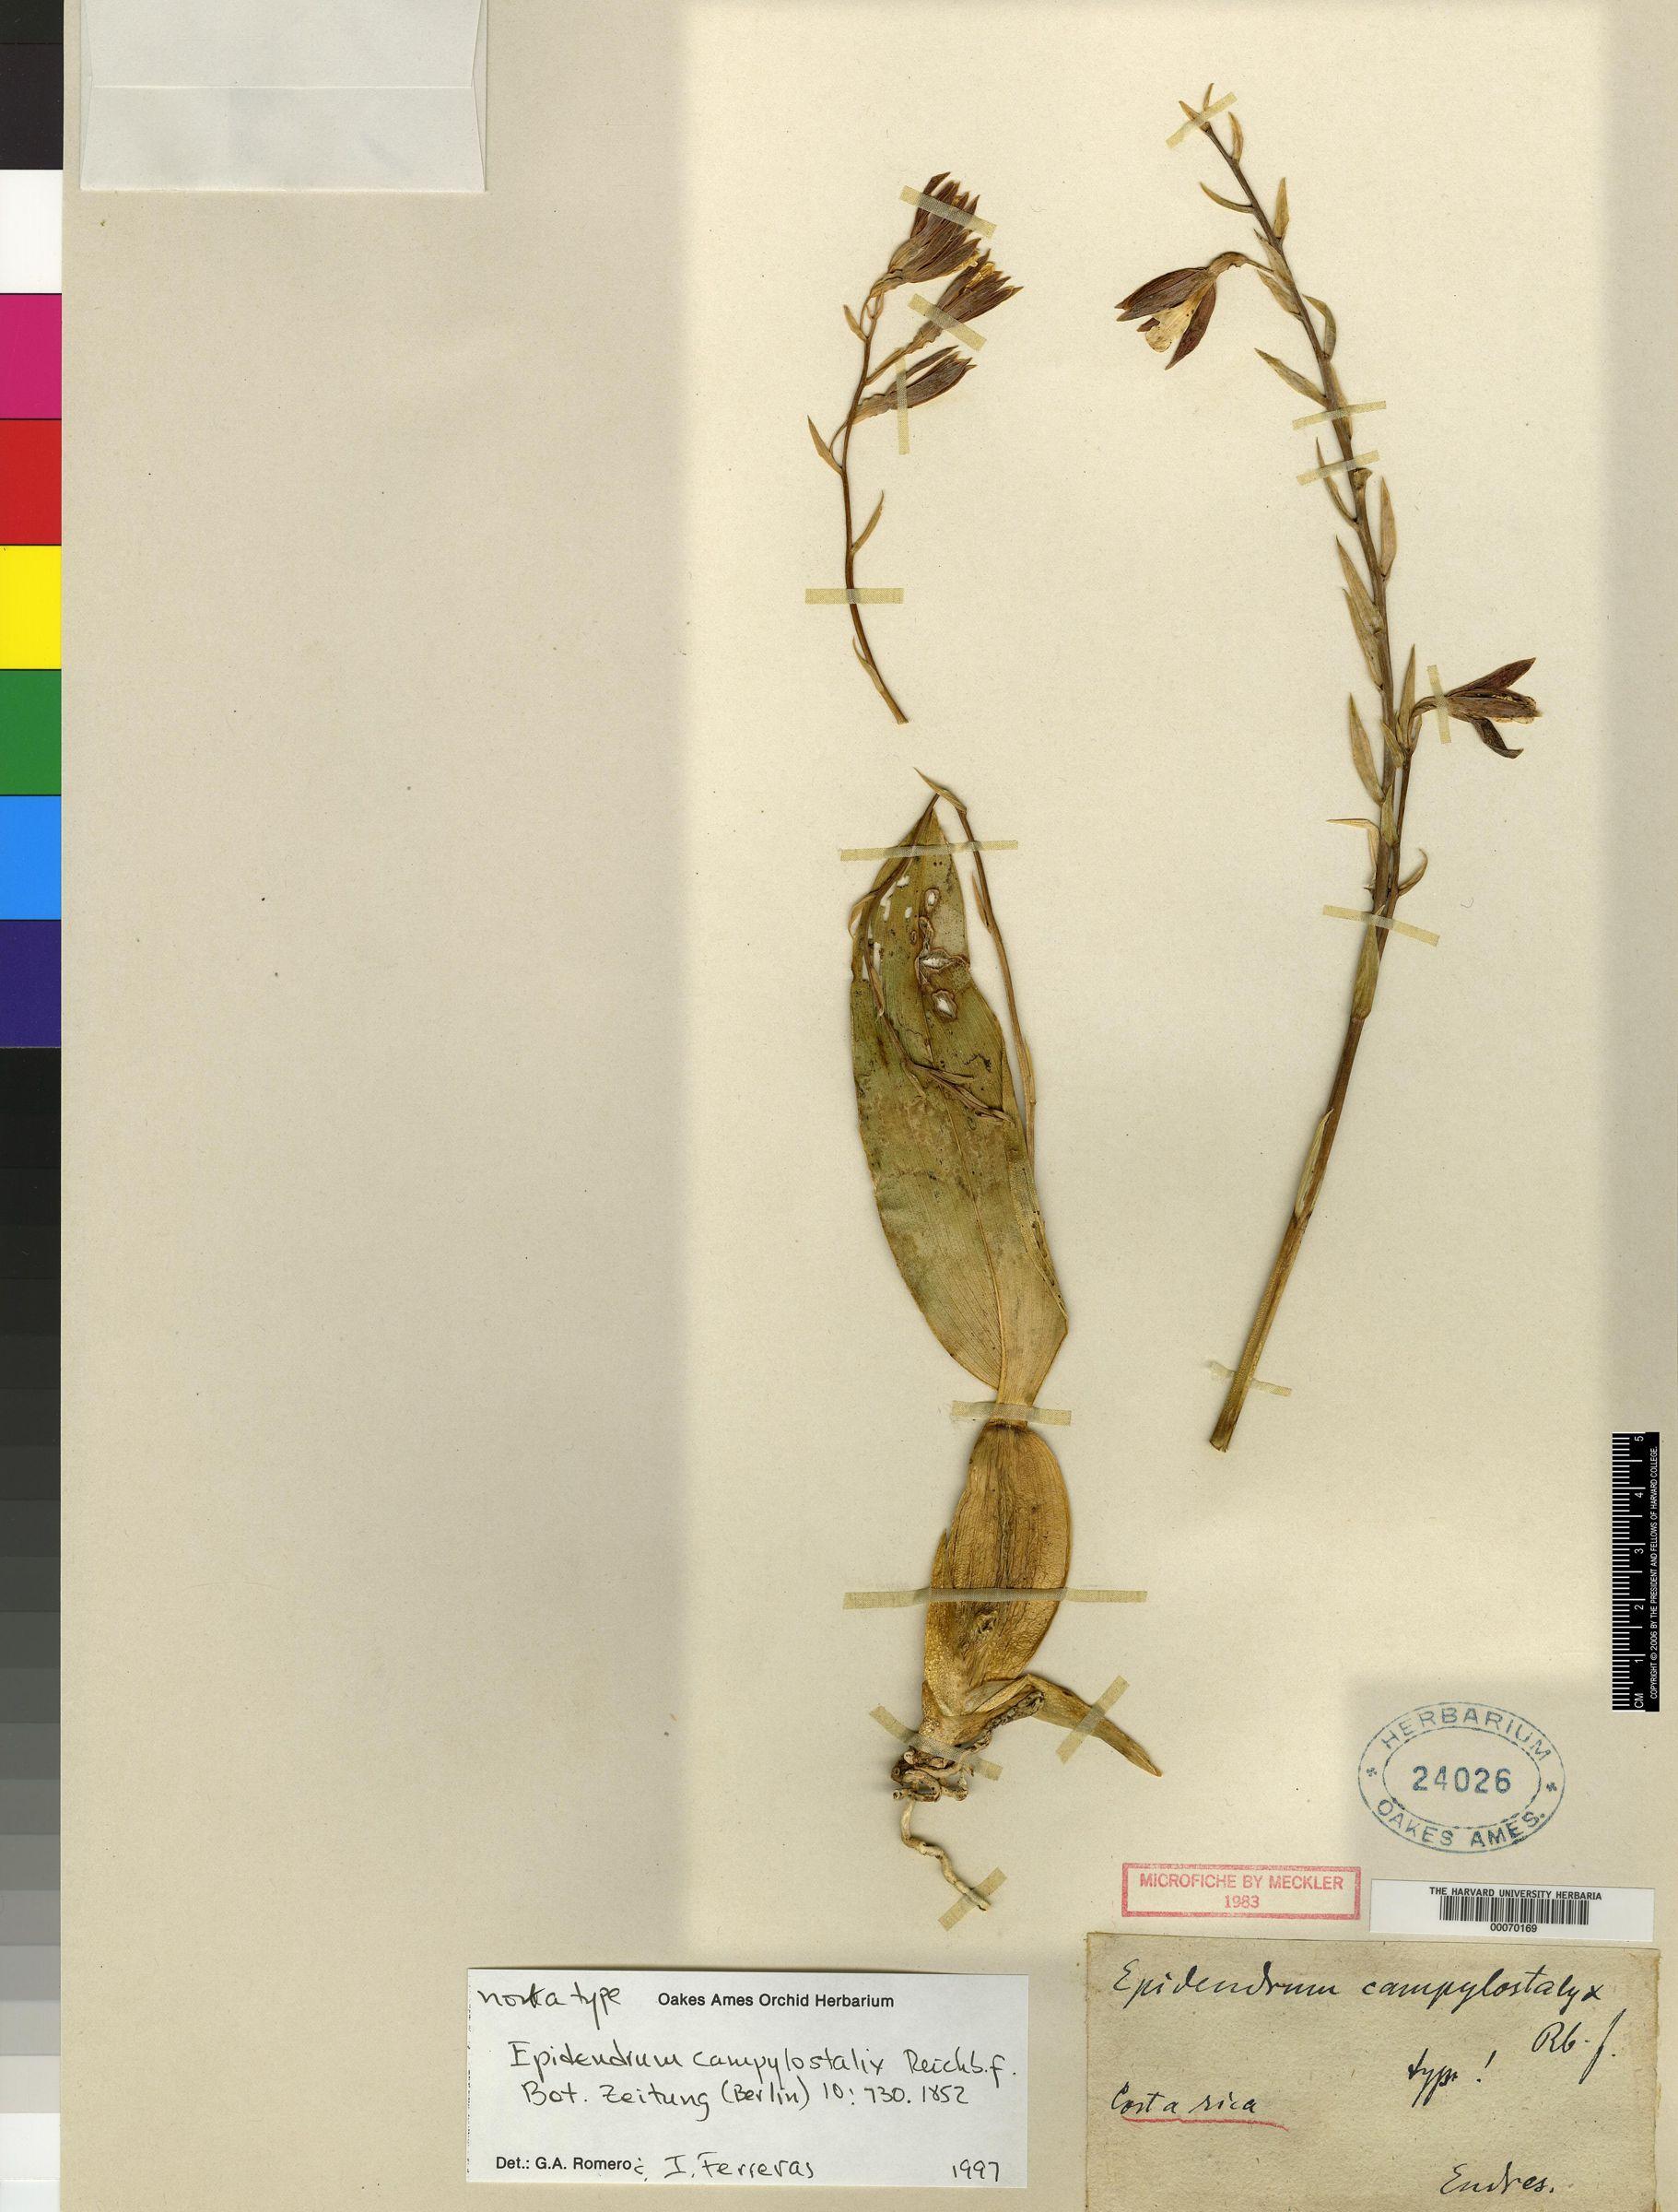 Prosthechea campylostalix image